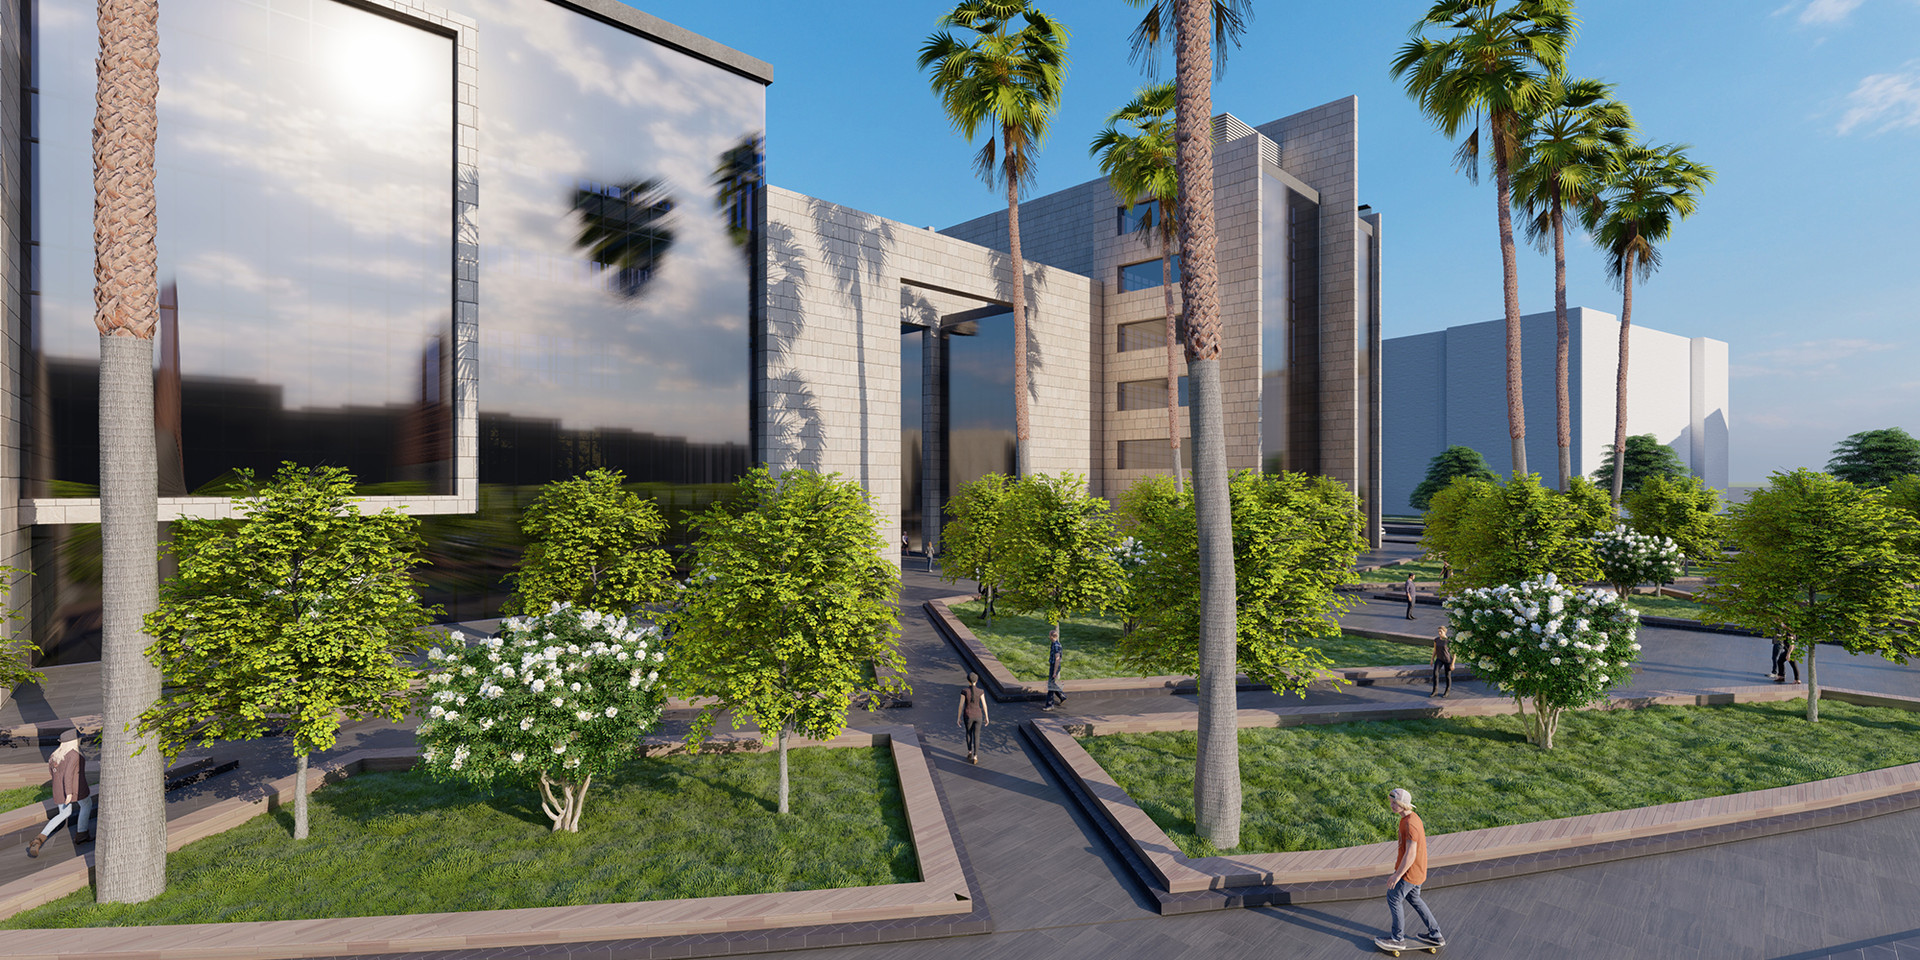 MCIT University Campus